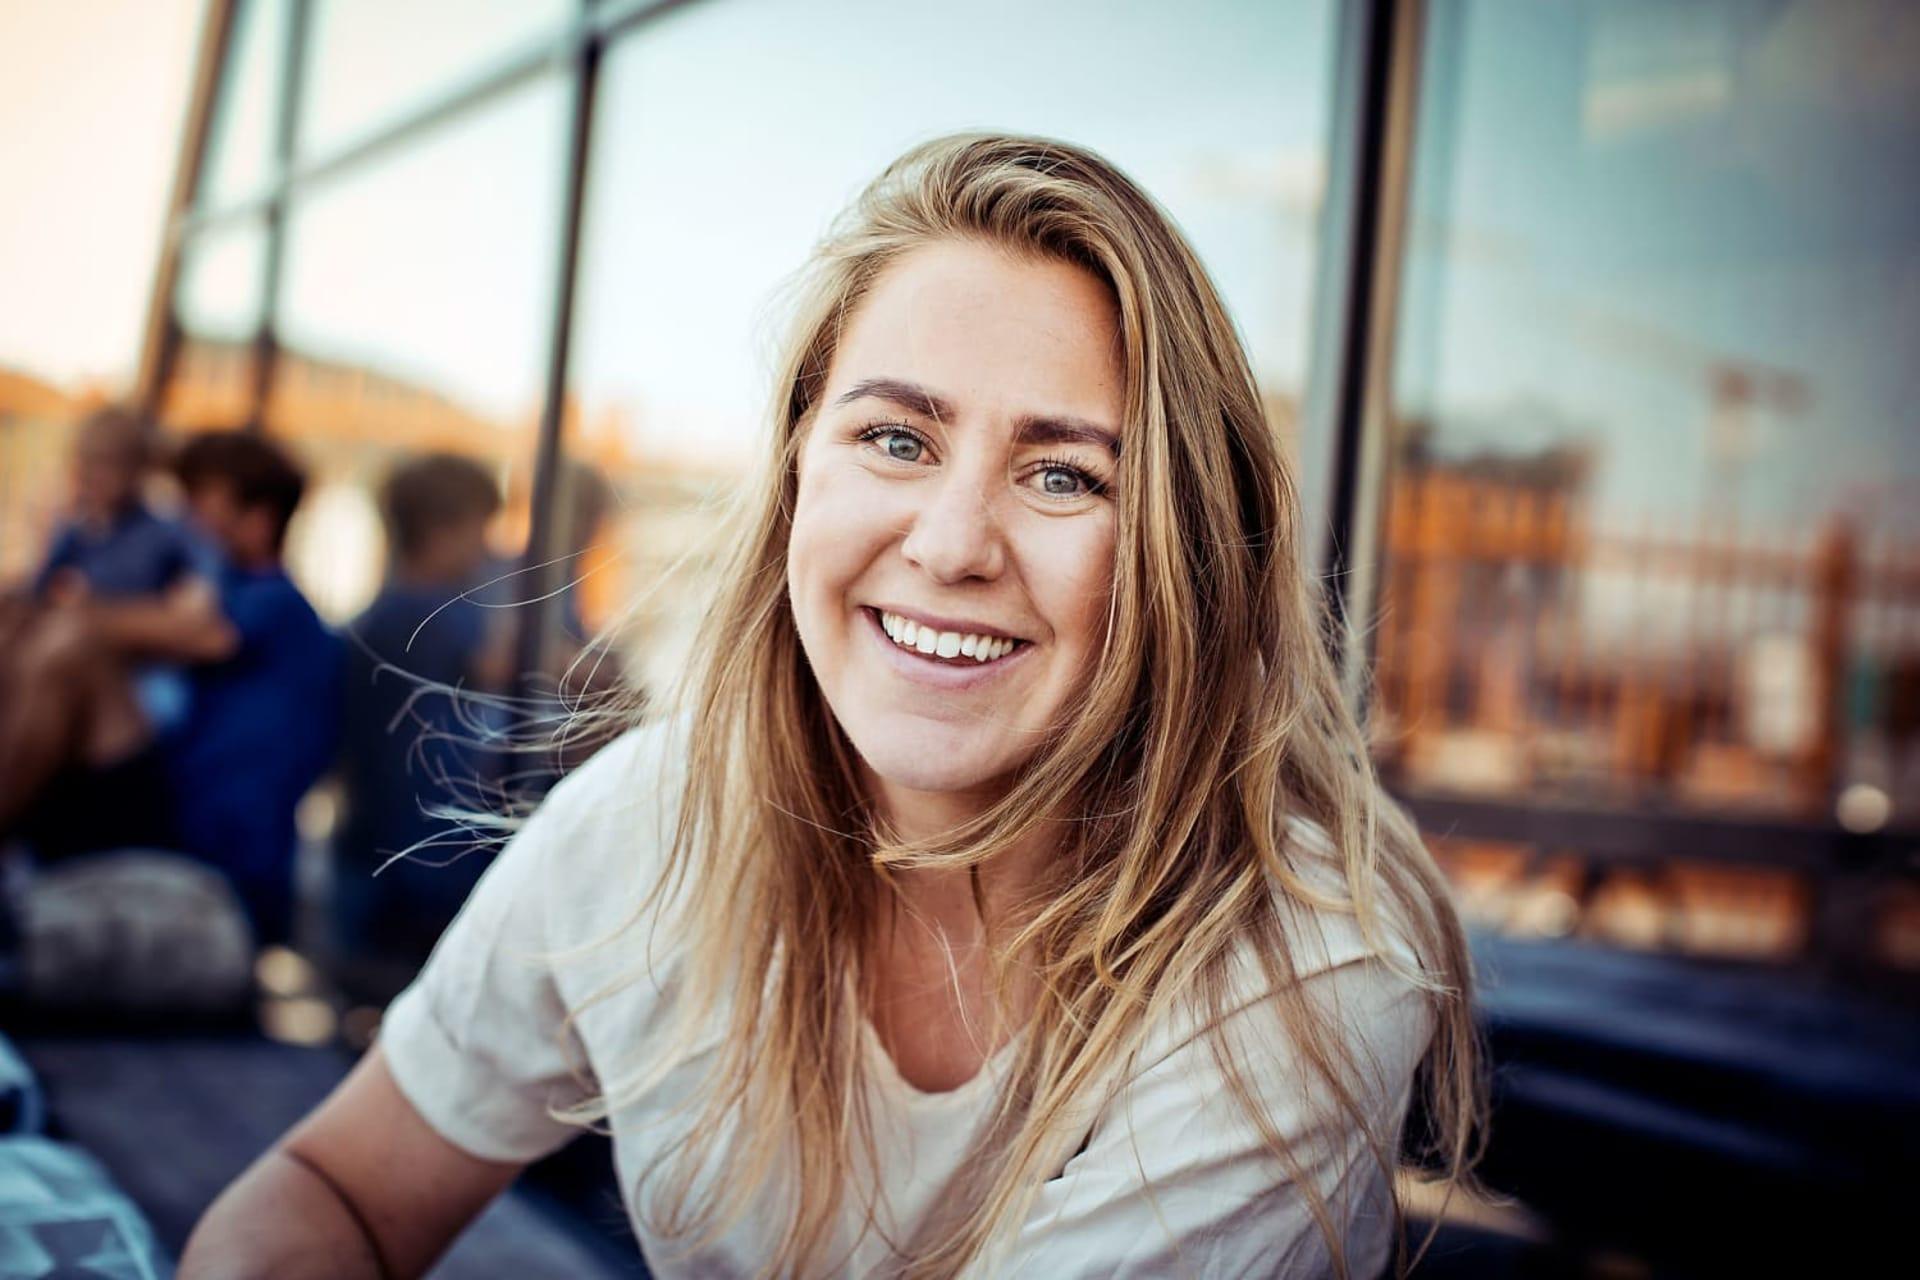 STERKE INNTRYKK: Thea Sommerseth Myhren har reist mye og sett hvordan utviklingshjelp kommer ovenfra og ned. Det har gjort sterkt inntrykk på 29-åringen. kk.